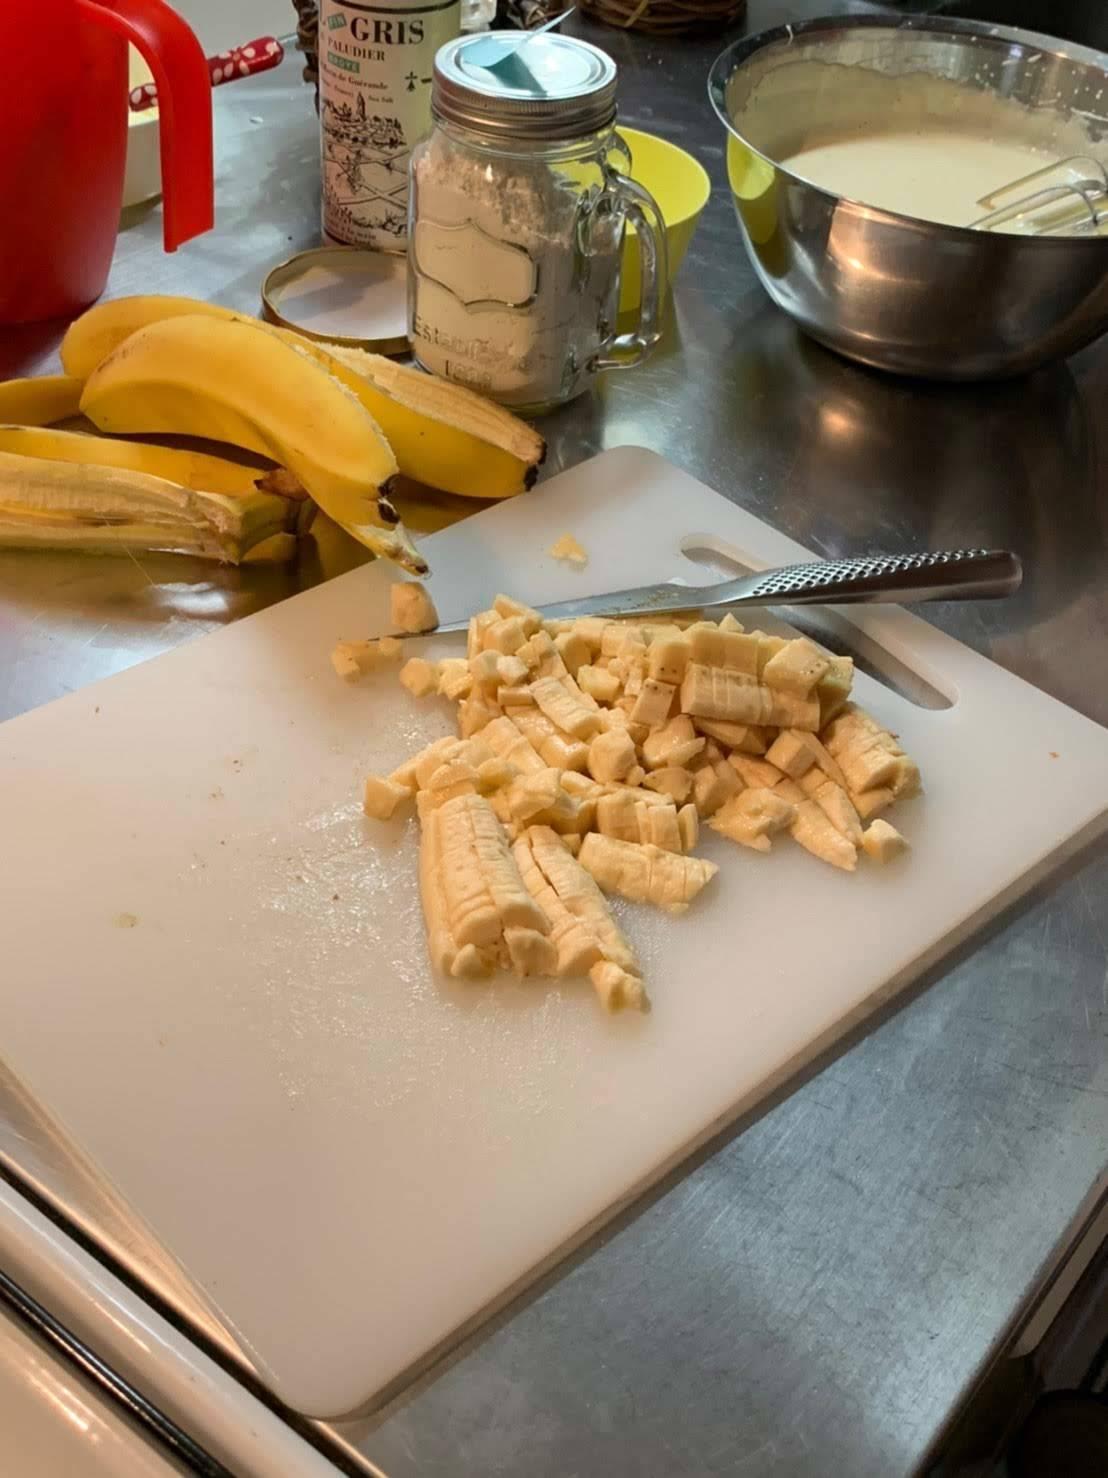 レストラン流、美味しいステーキの焼き方を習いました【サン・ファソン 本多シェフに習うフレンチ】_b0345136_21092586.jpg